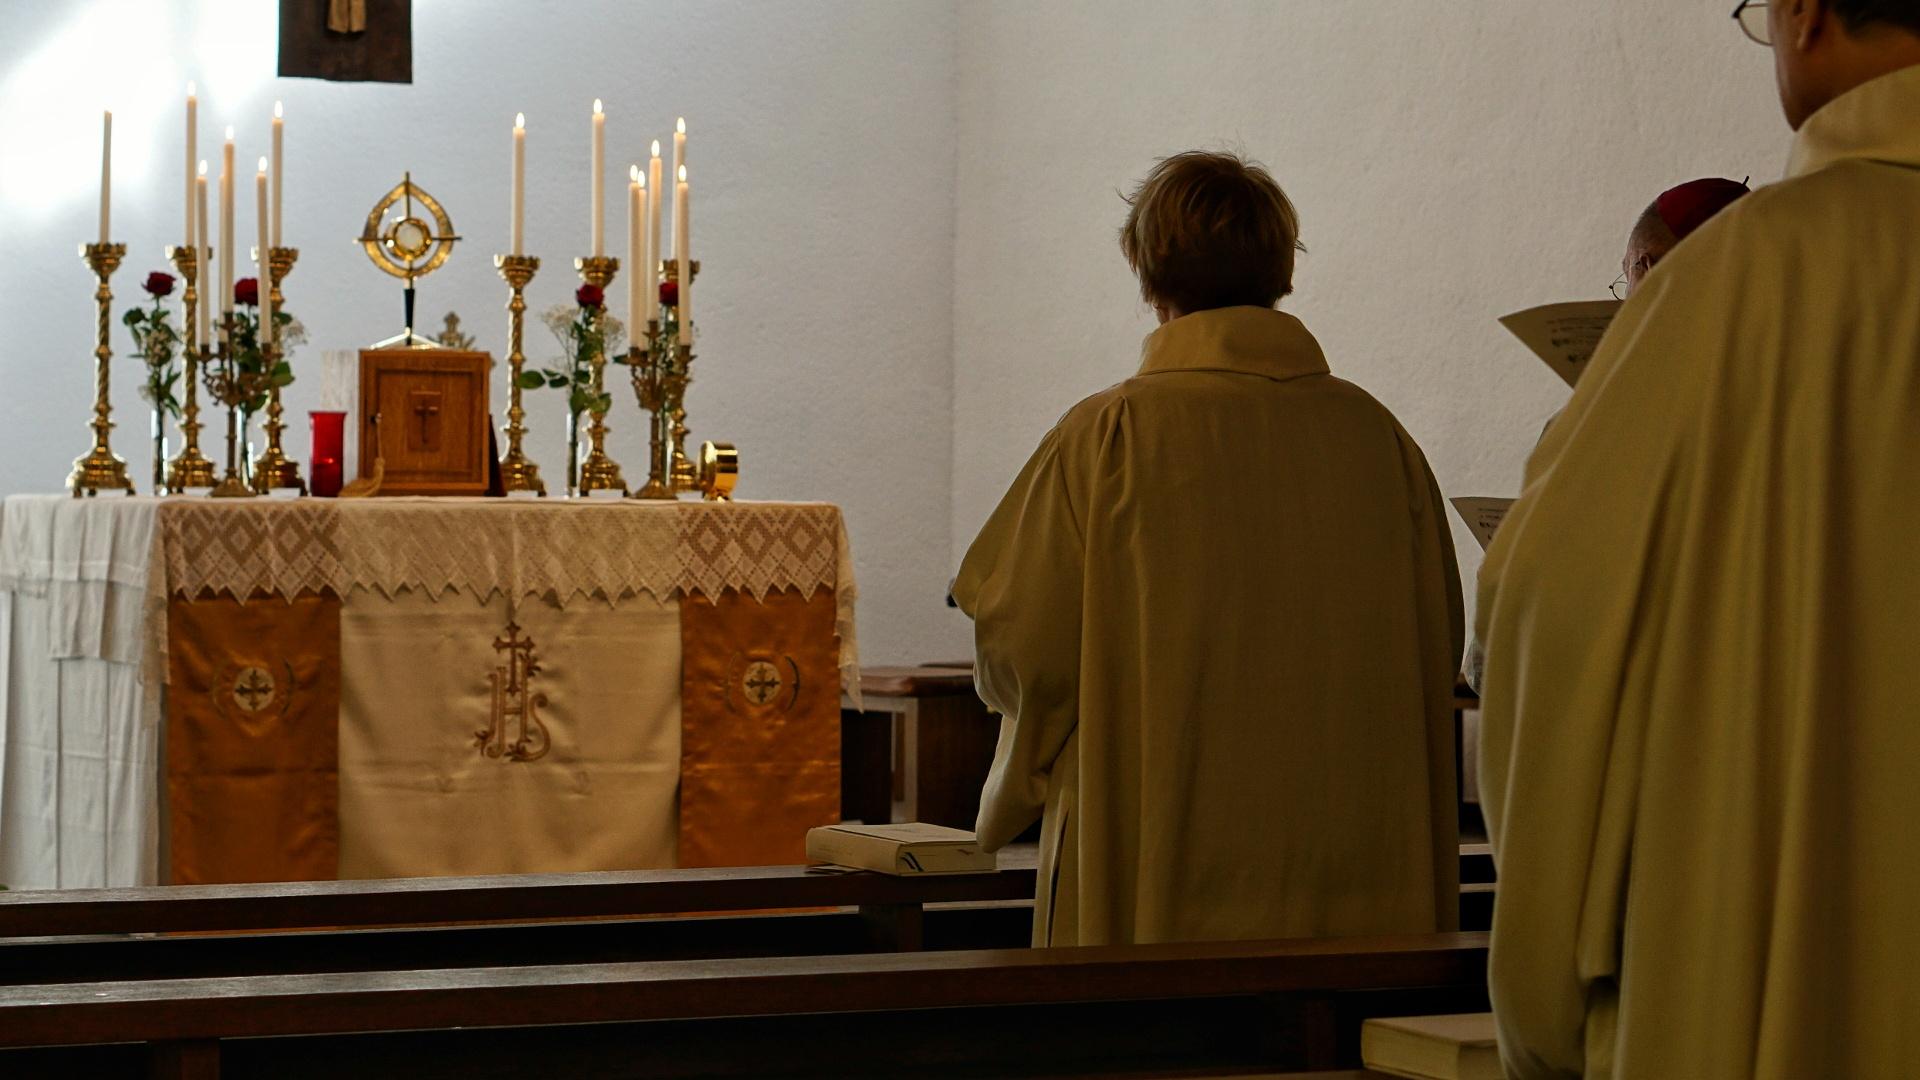 Aussetzung Eucharistie Novizin